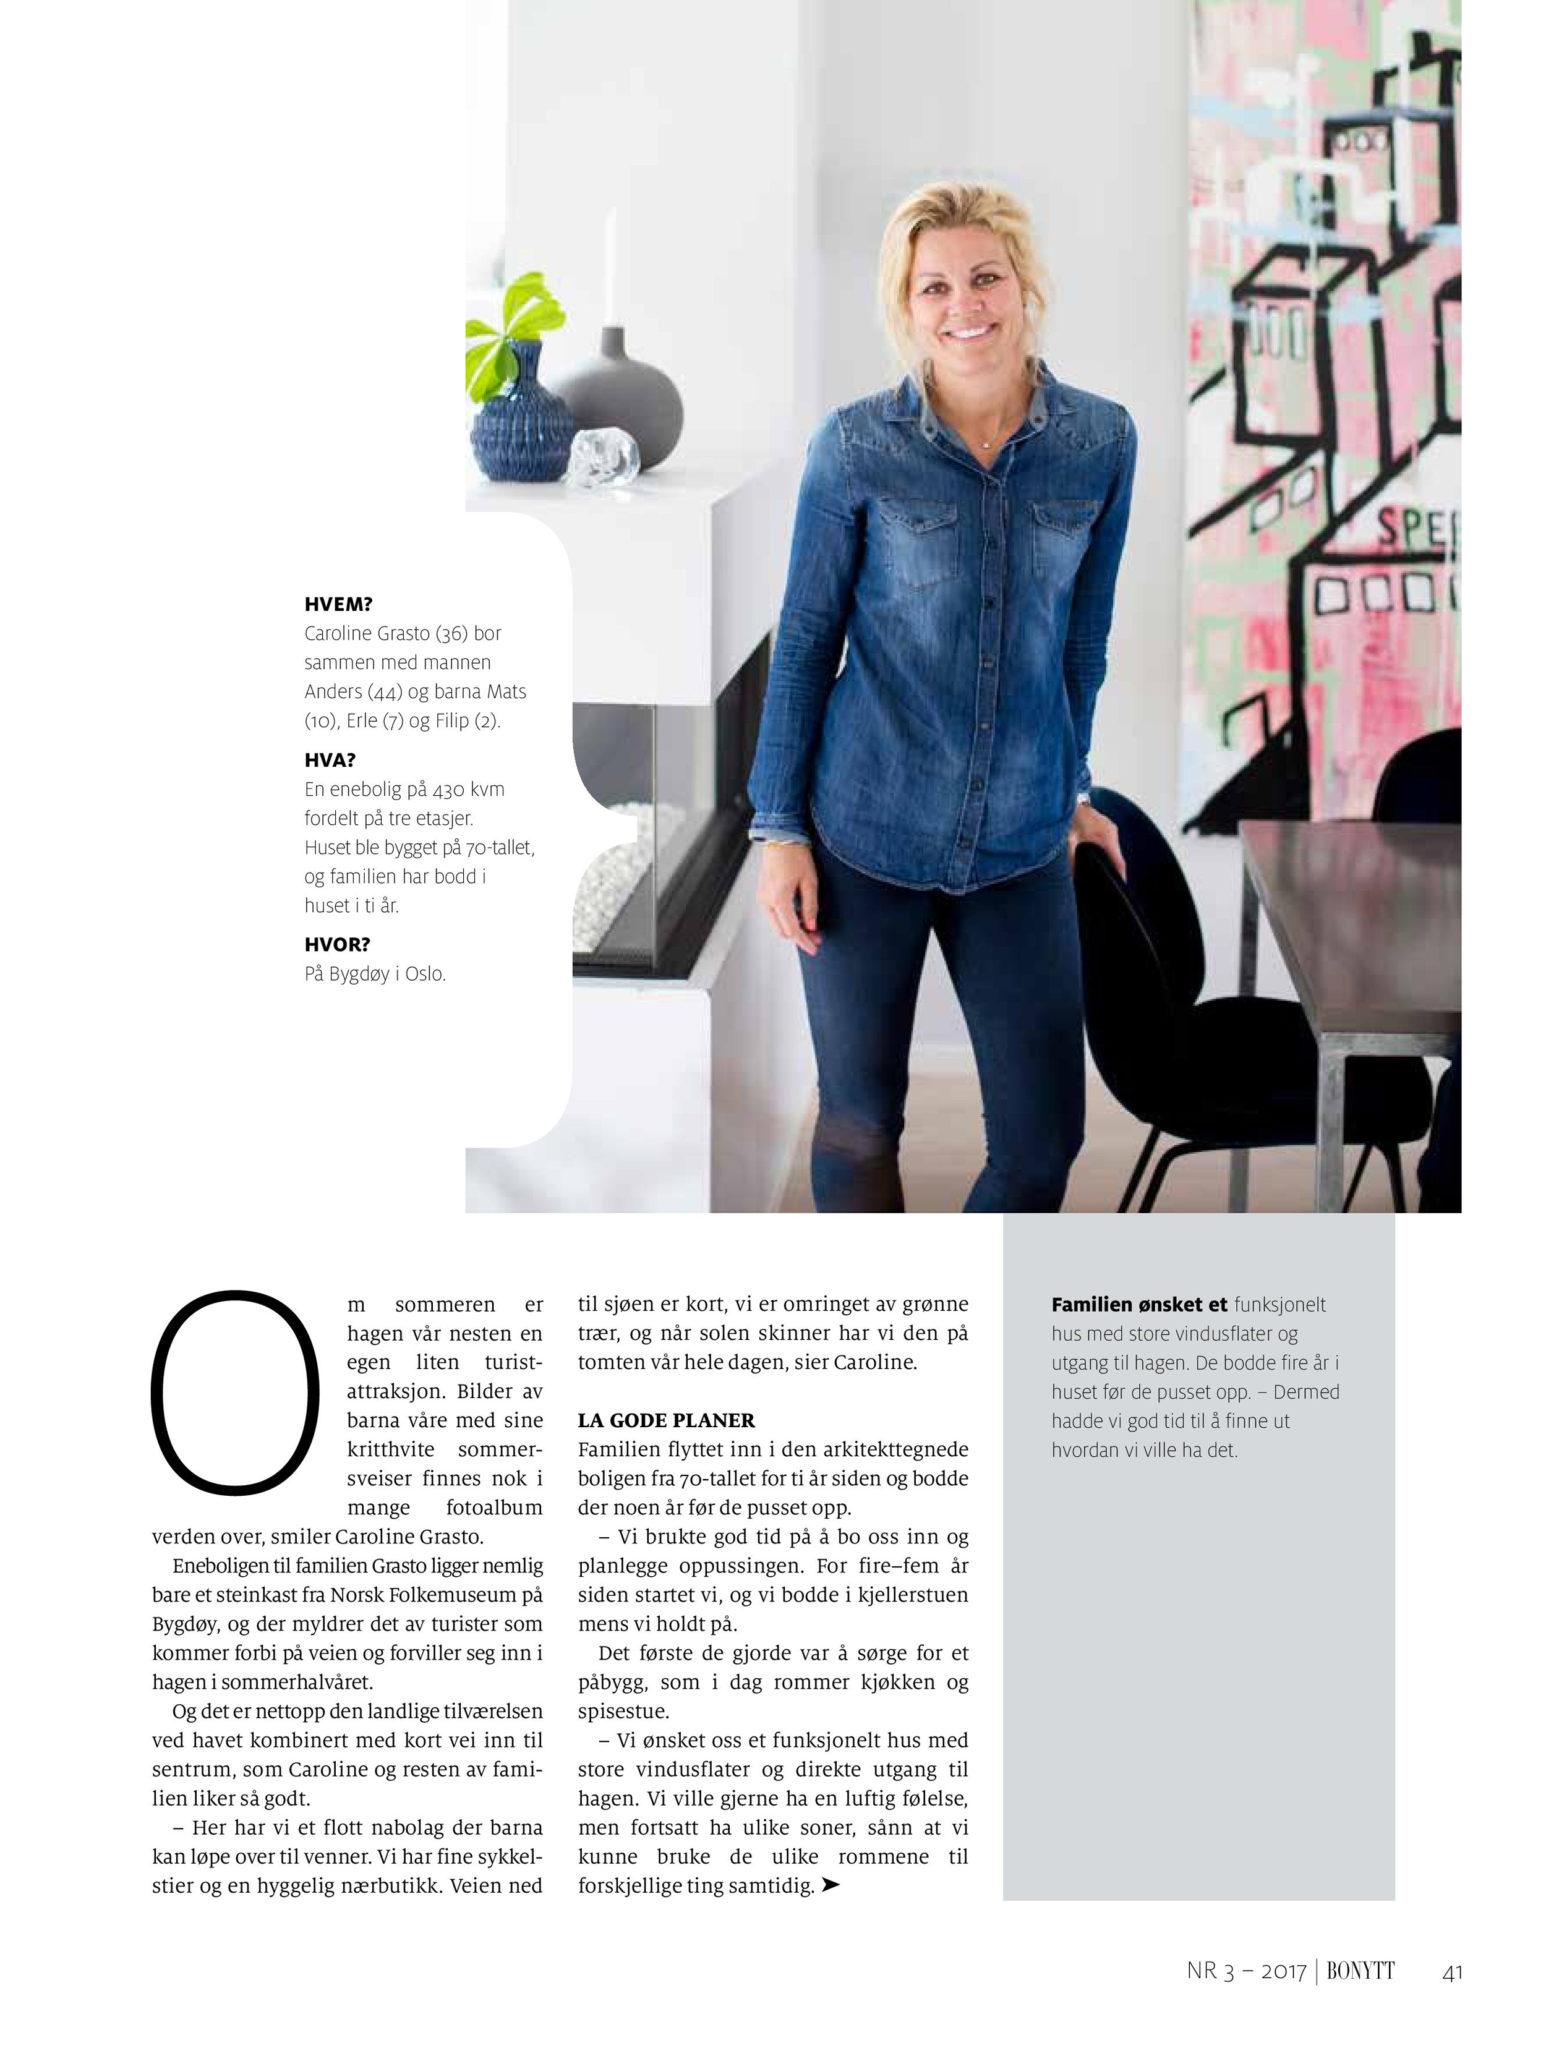 Bonytt 2017 Caroline Grasto Bygdøy boligreportasje